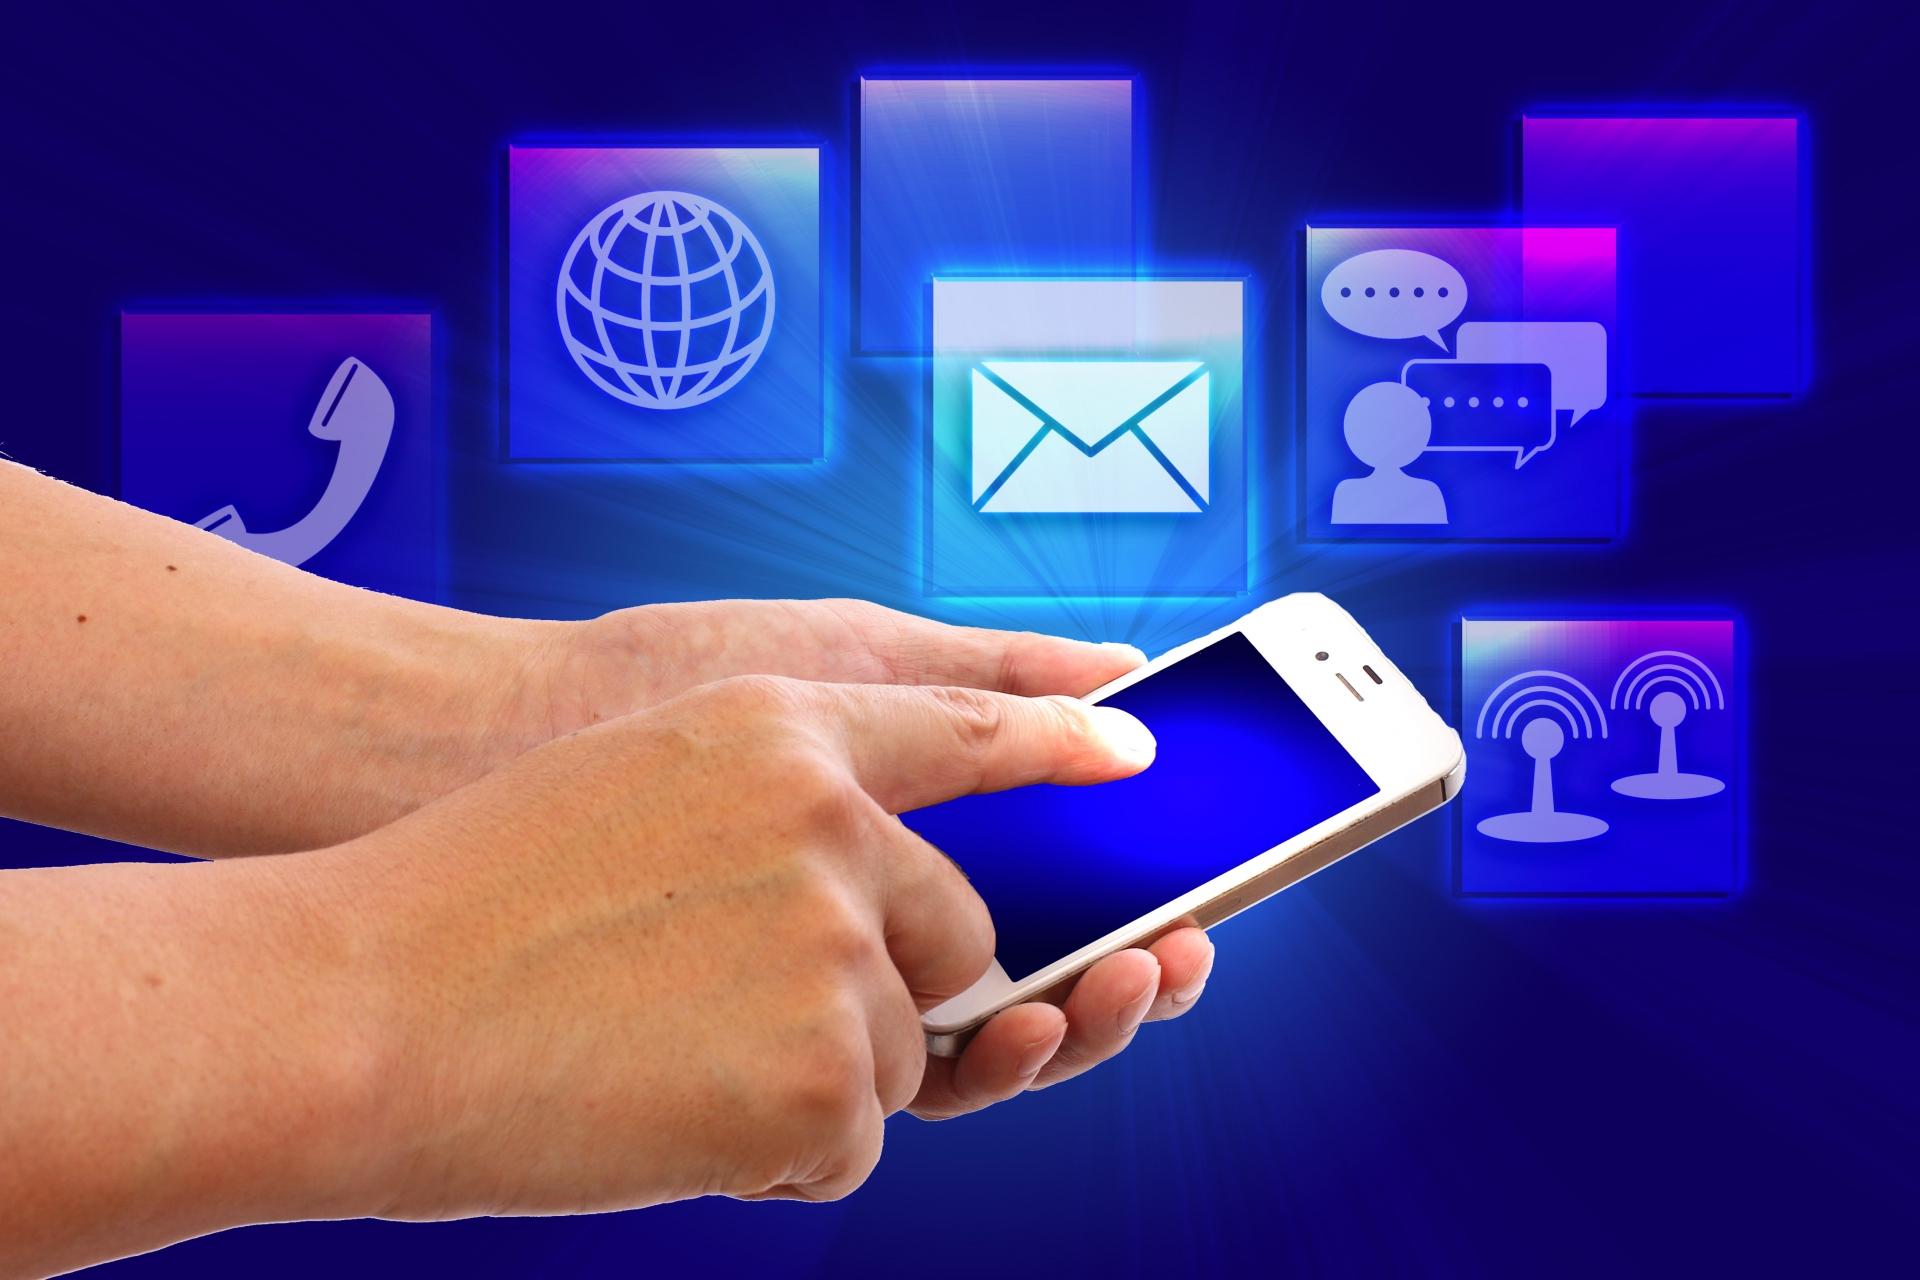 【調査結果発表】メールコミュニケーションに関する課題